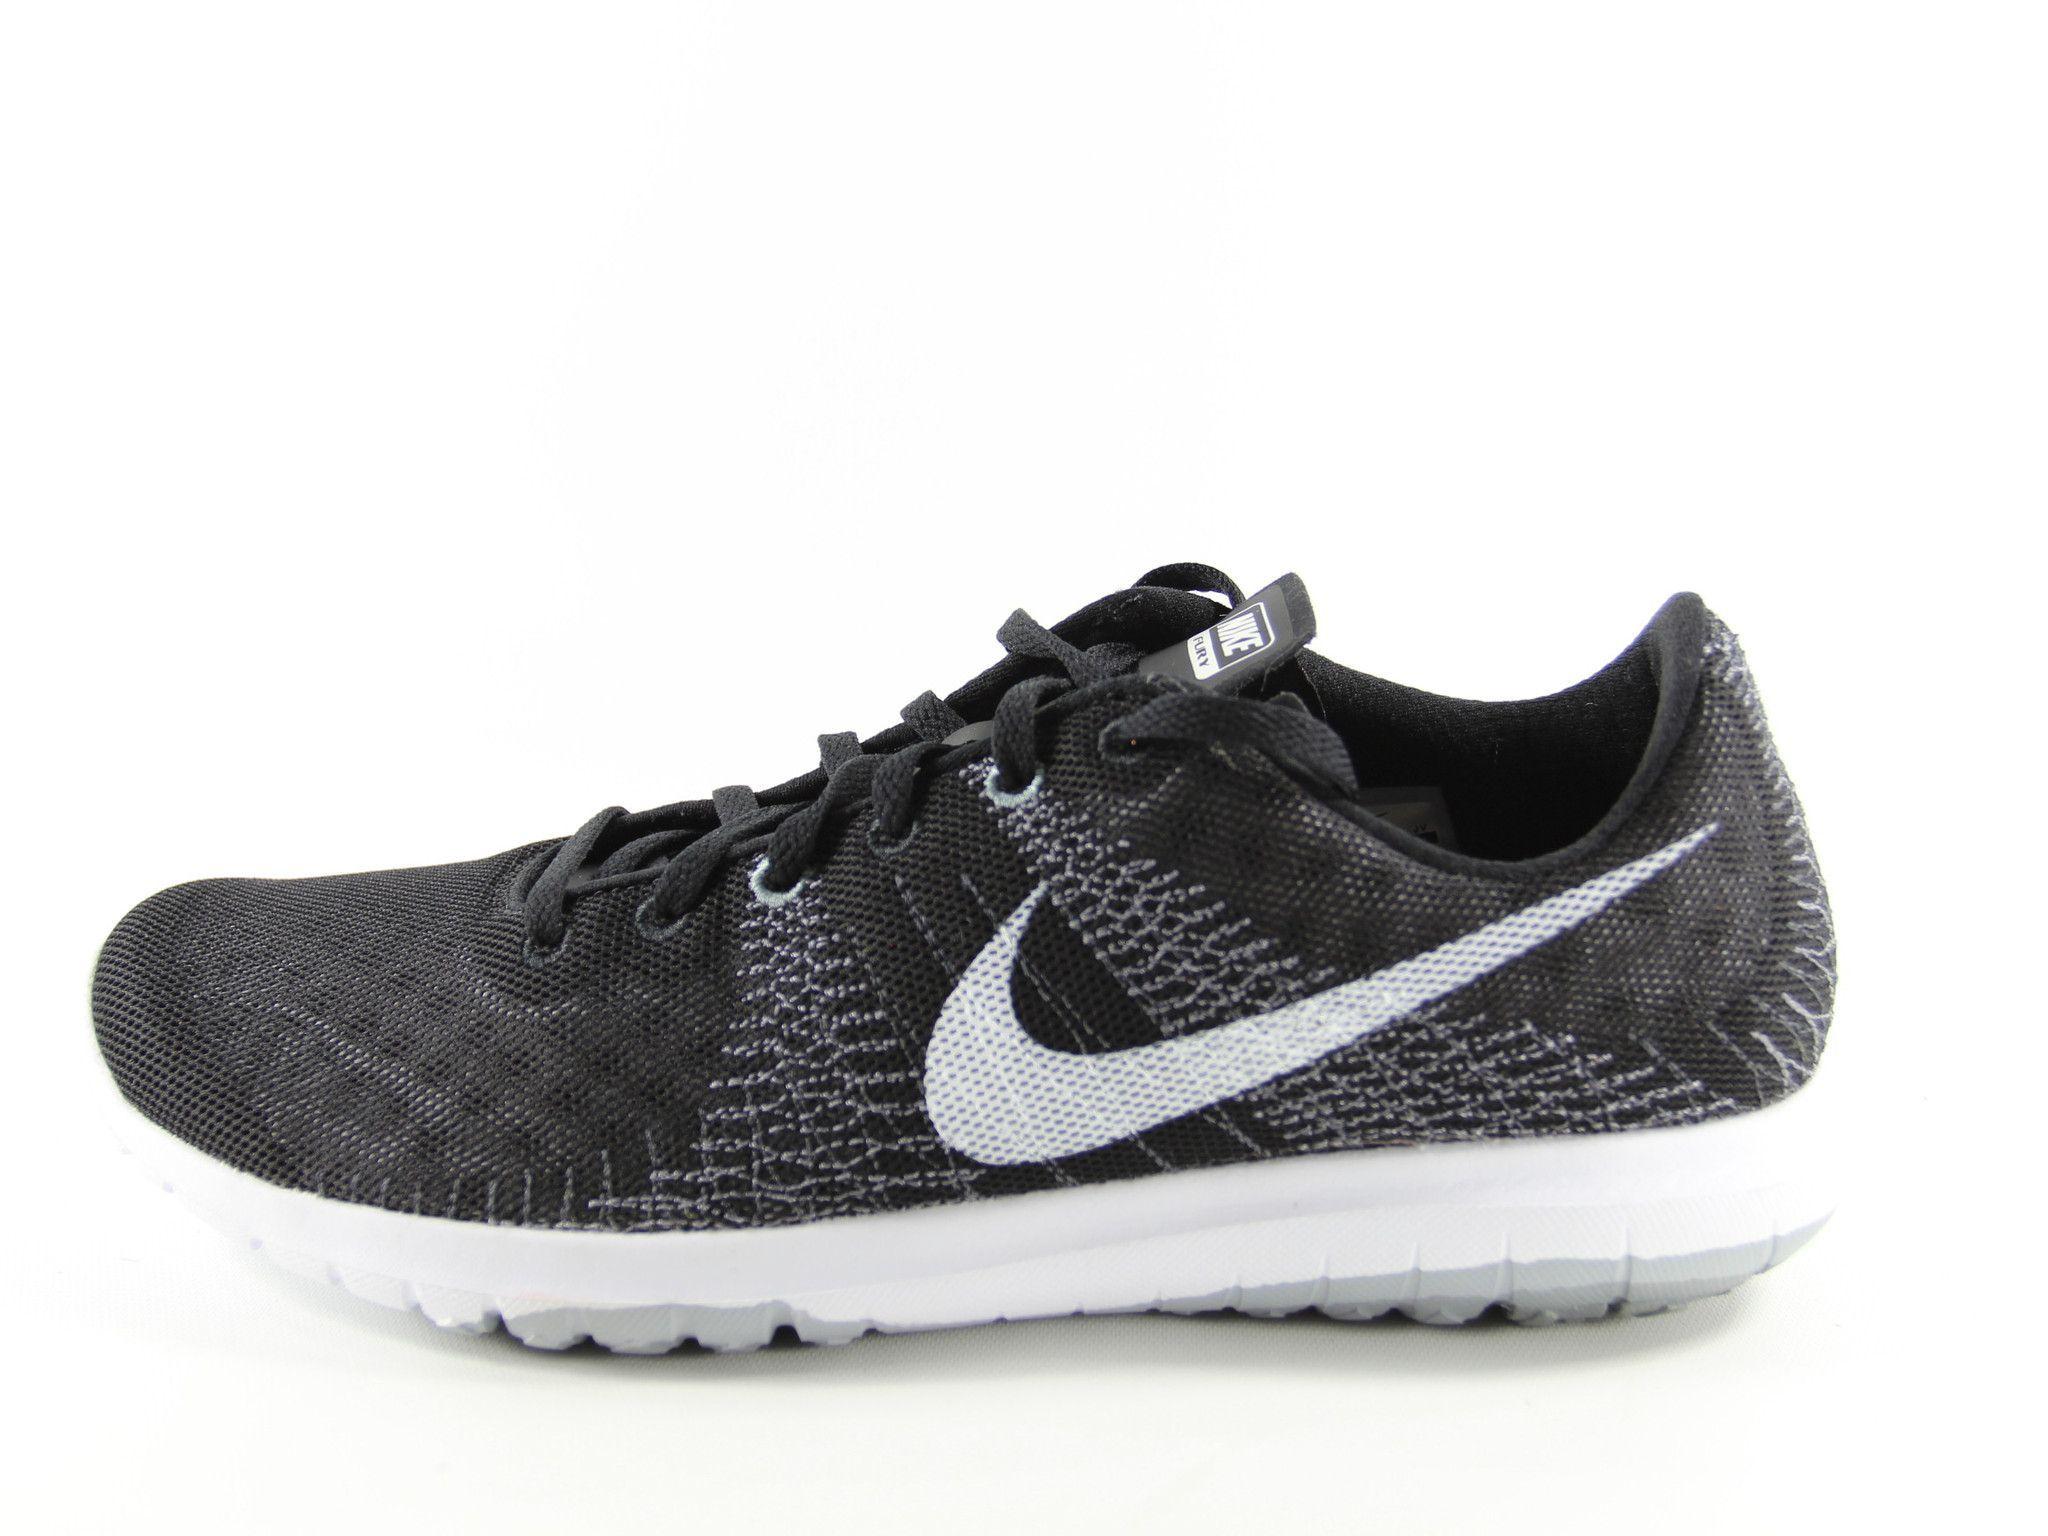 da2ddfb9b40a NIKE Flex Fury Fitsole Running Shoes Size 9 (Black White Wolf Grey ...